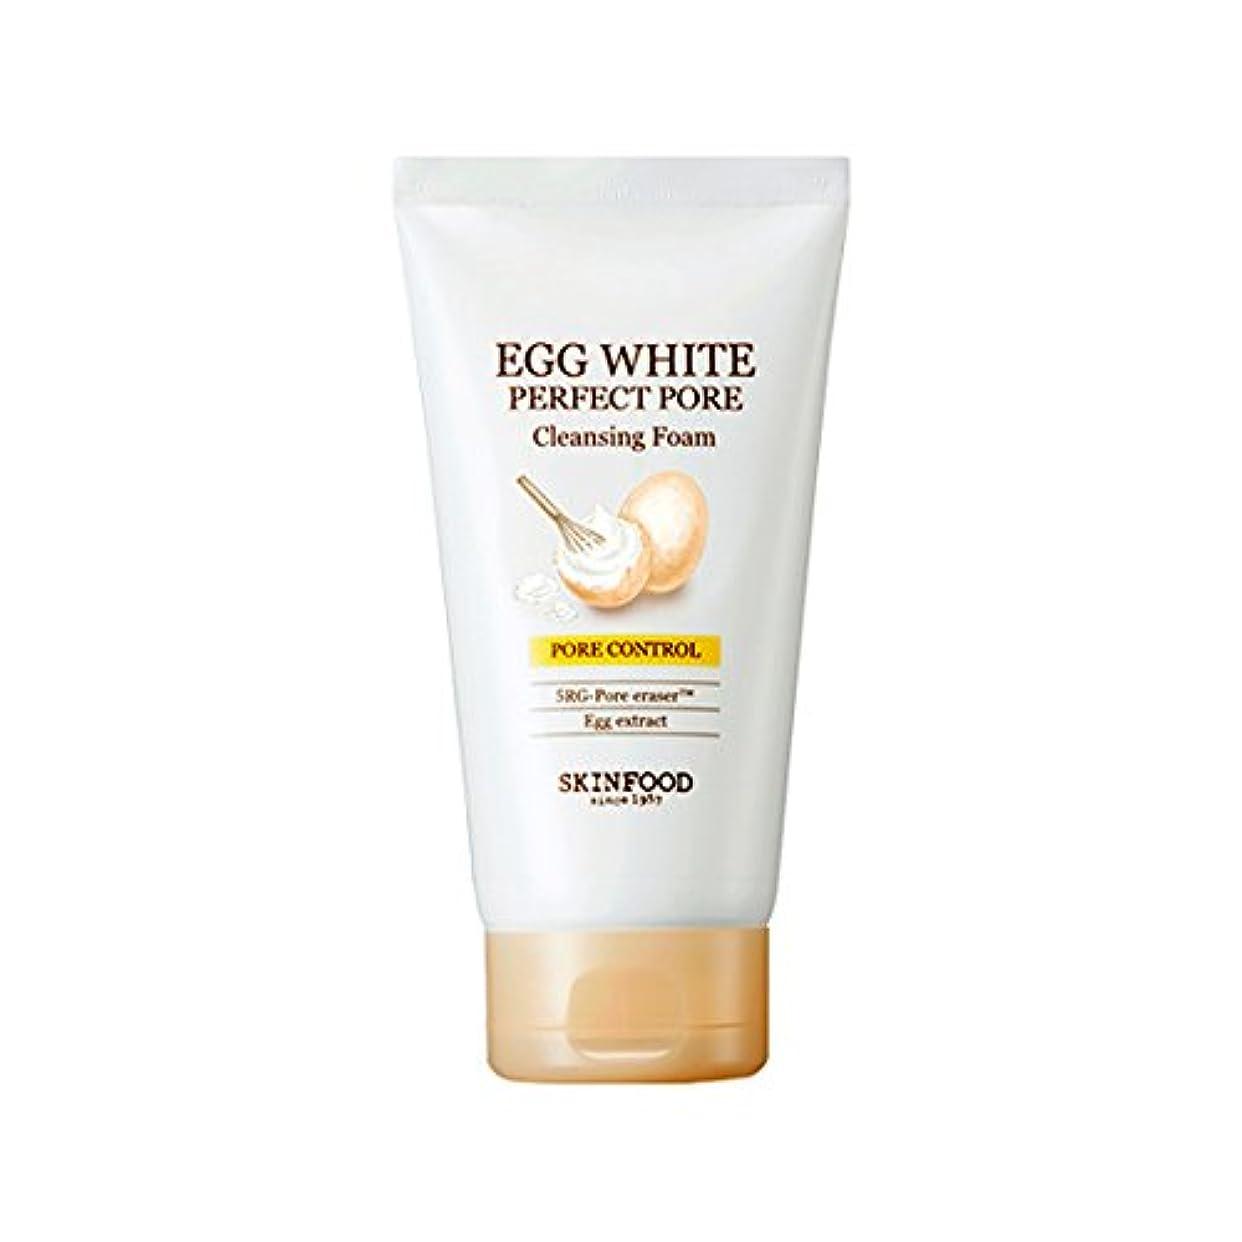 順番自伝に向かって[2017 New] SKINFOOD Egg White Perfect Pore Cleansing Foam 150ml/スキンフード エッグ ホワイト パーフェクト ポア クレンジング フォーム 150ml [並行輸入品]